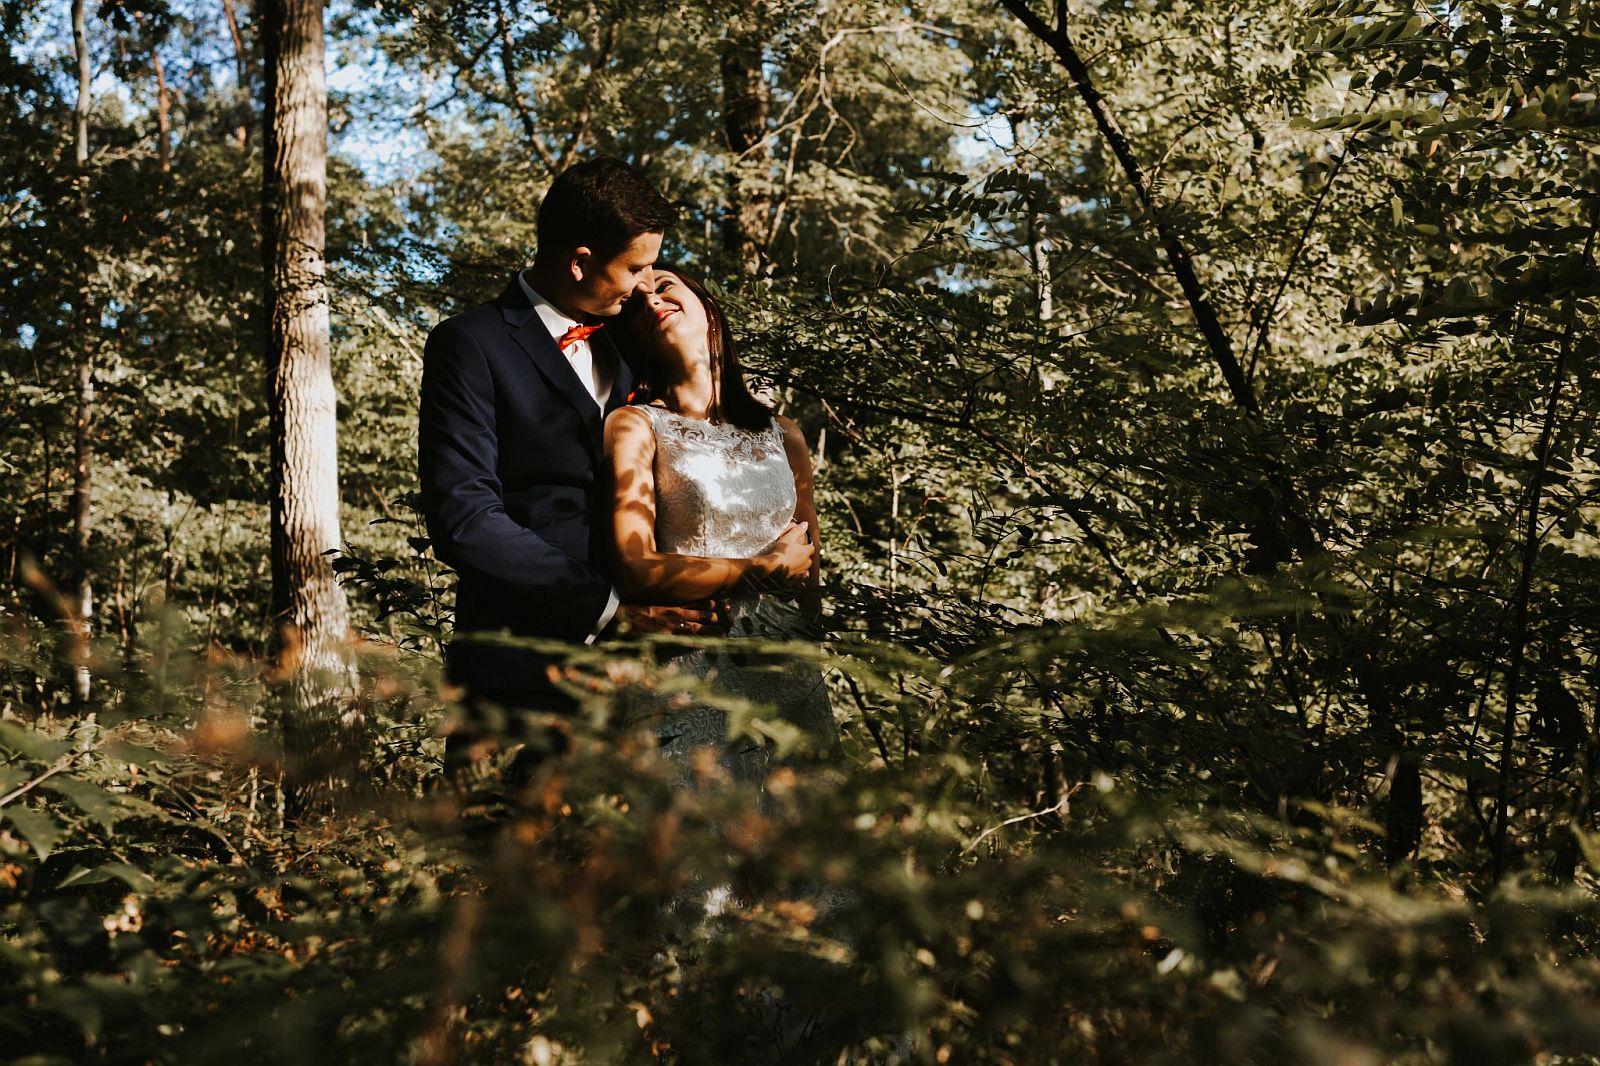 sesja ślubna w lesie w paprociach